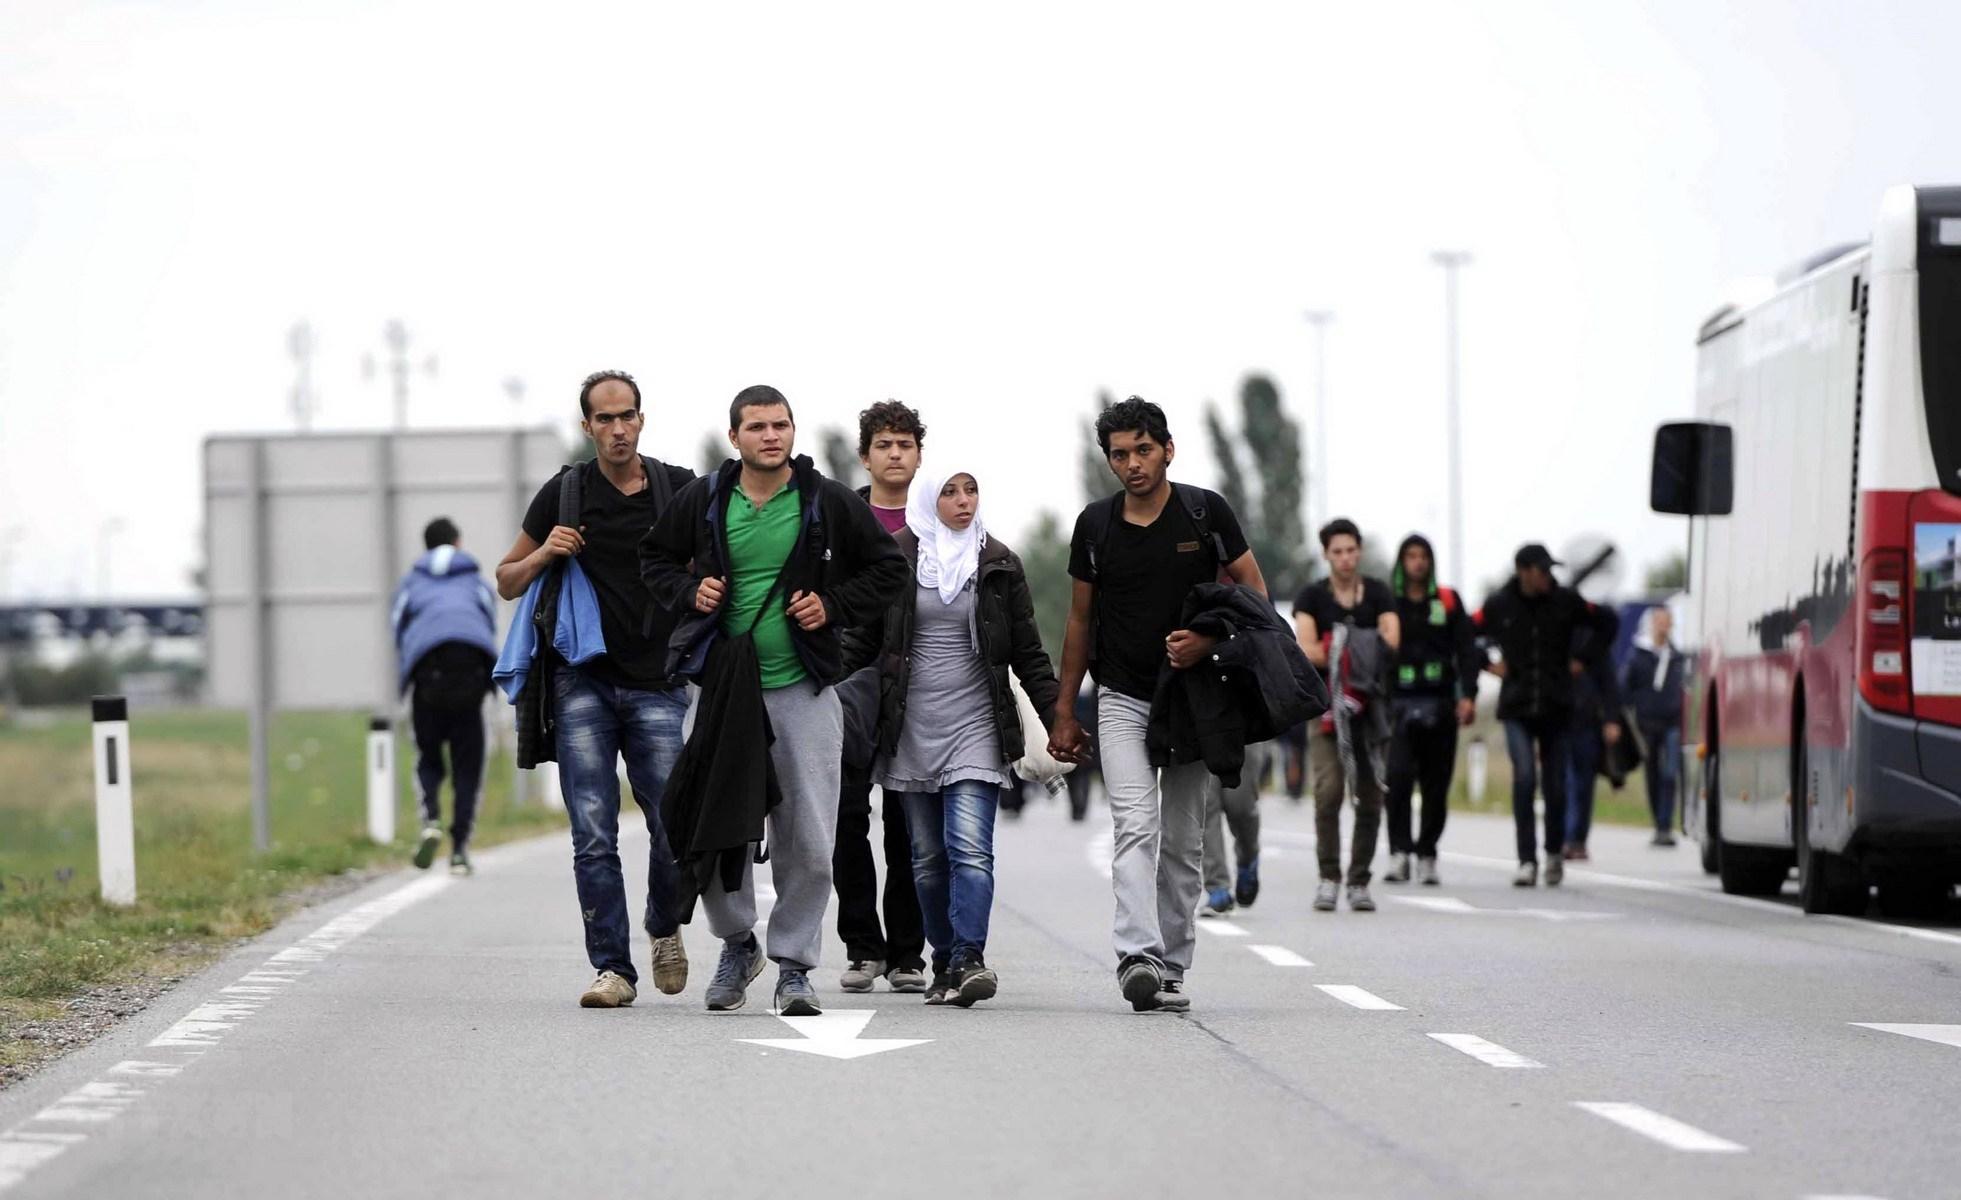 Dòng người tị nạn tại khu vực kiểm soát ở biên giới Áo-Hungary, gần Nickeldorf. (Nguồn: AFP/TTXVN)